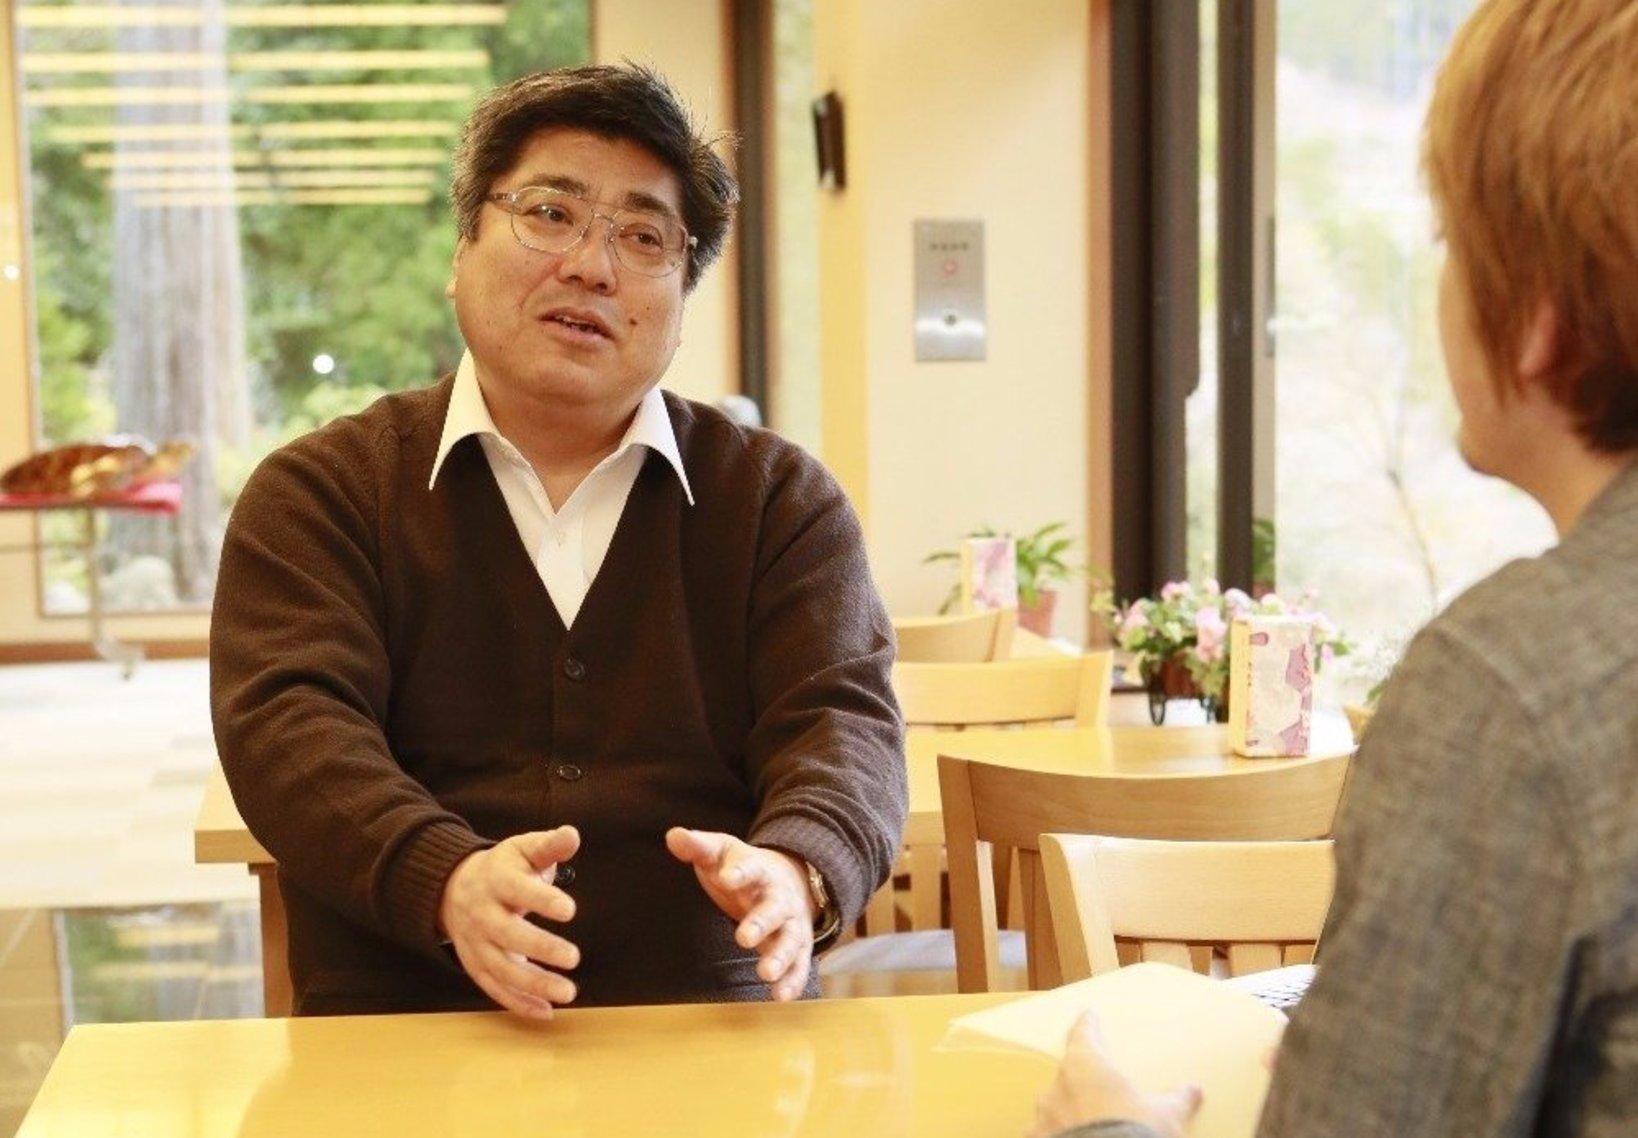 インタビューに答えてもらう、館長の小澤さん